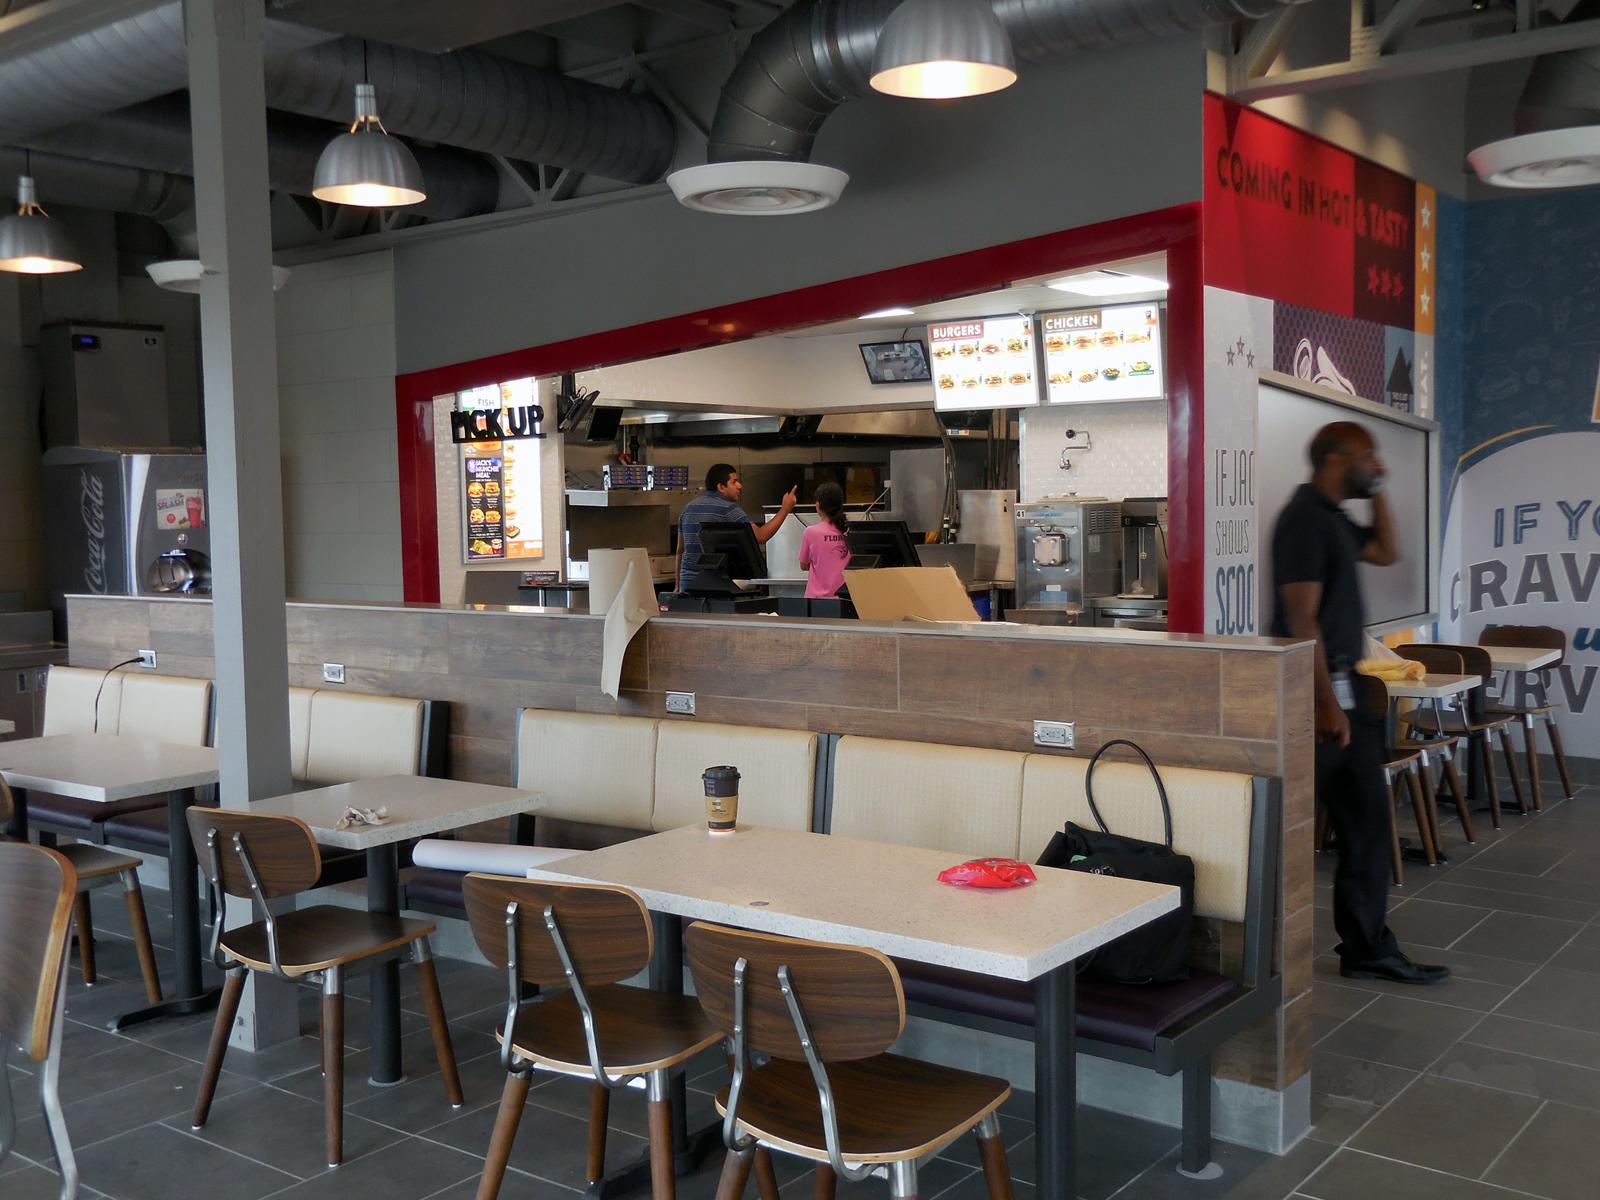 jib717-dining-room-counter.jpg